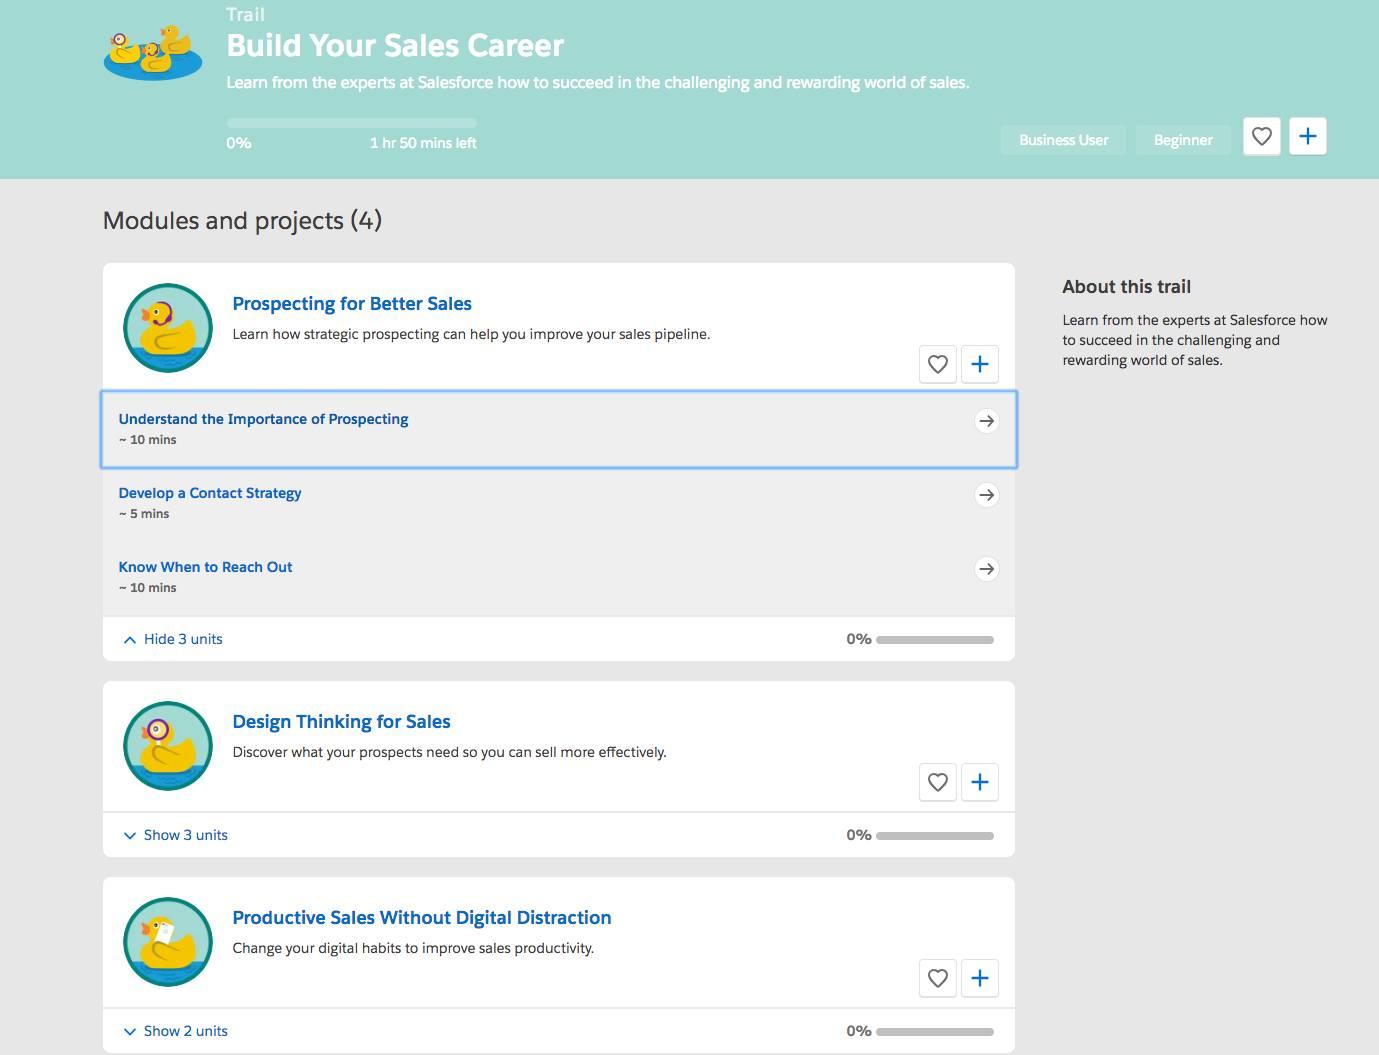 Captura de tela da trilha Criar sua carreira em vendas com os respectivos módulos, mostrando os tópicos da unidade para o primeiro módulo